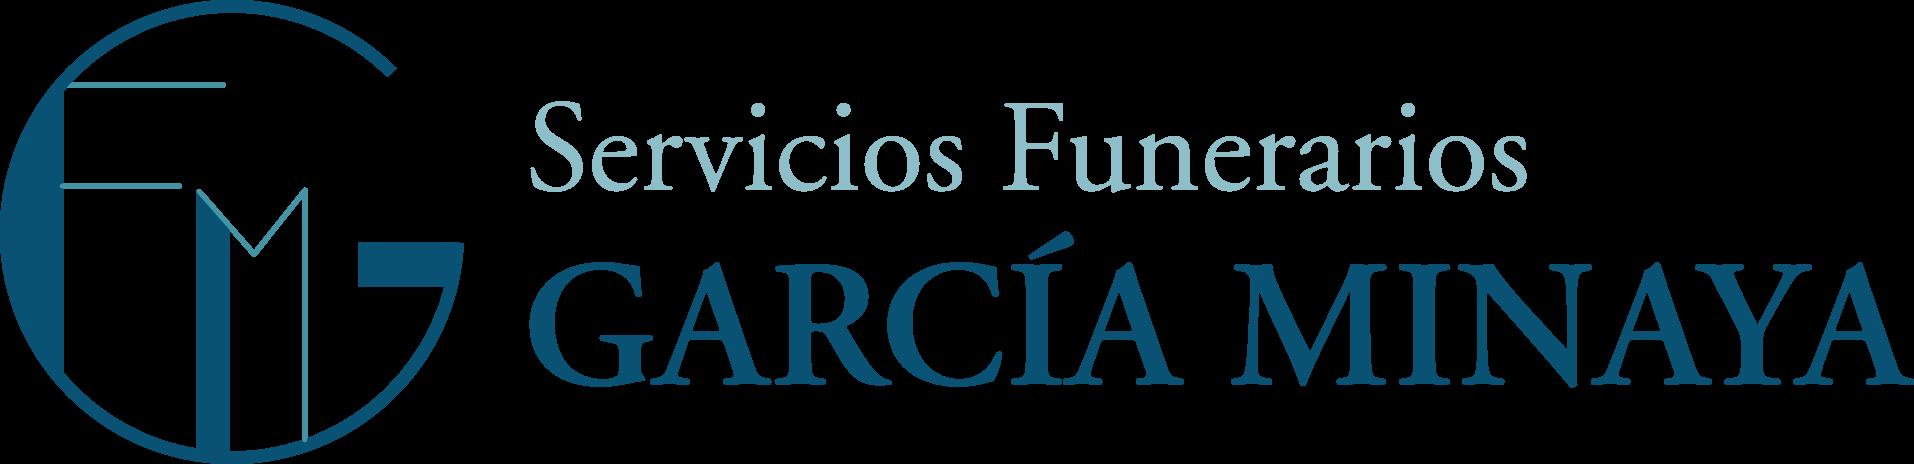 Funeraria García Minaya